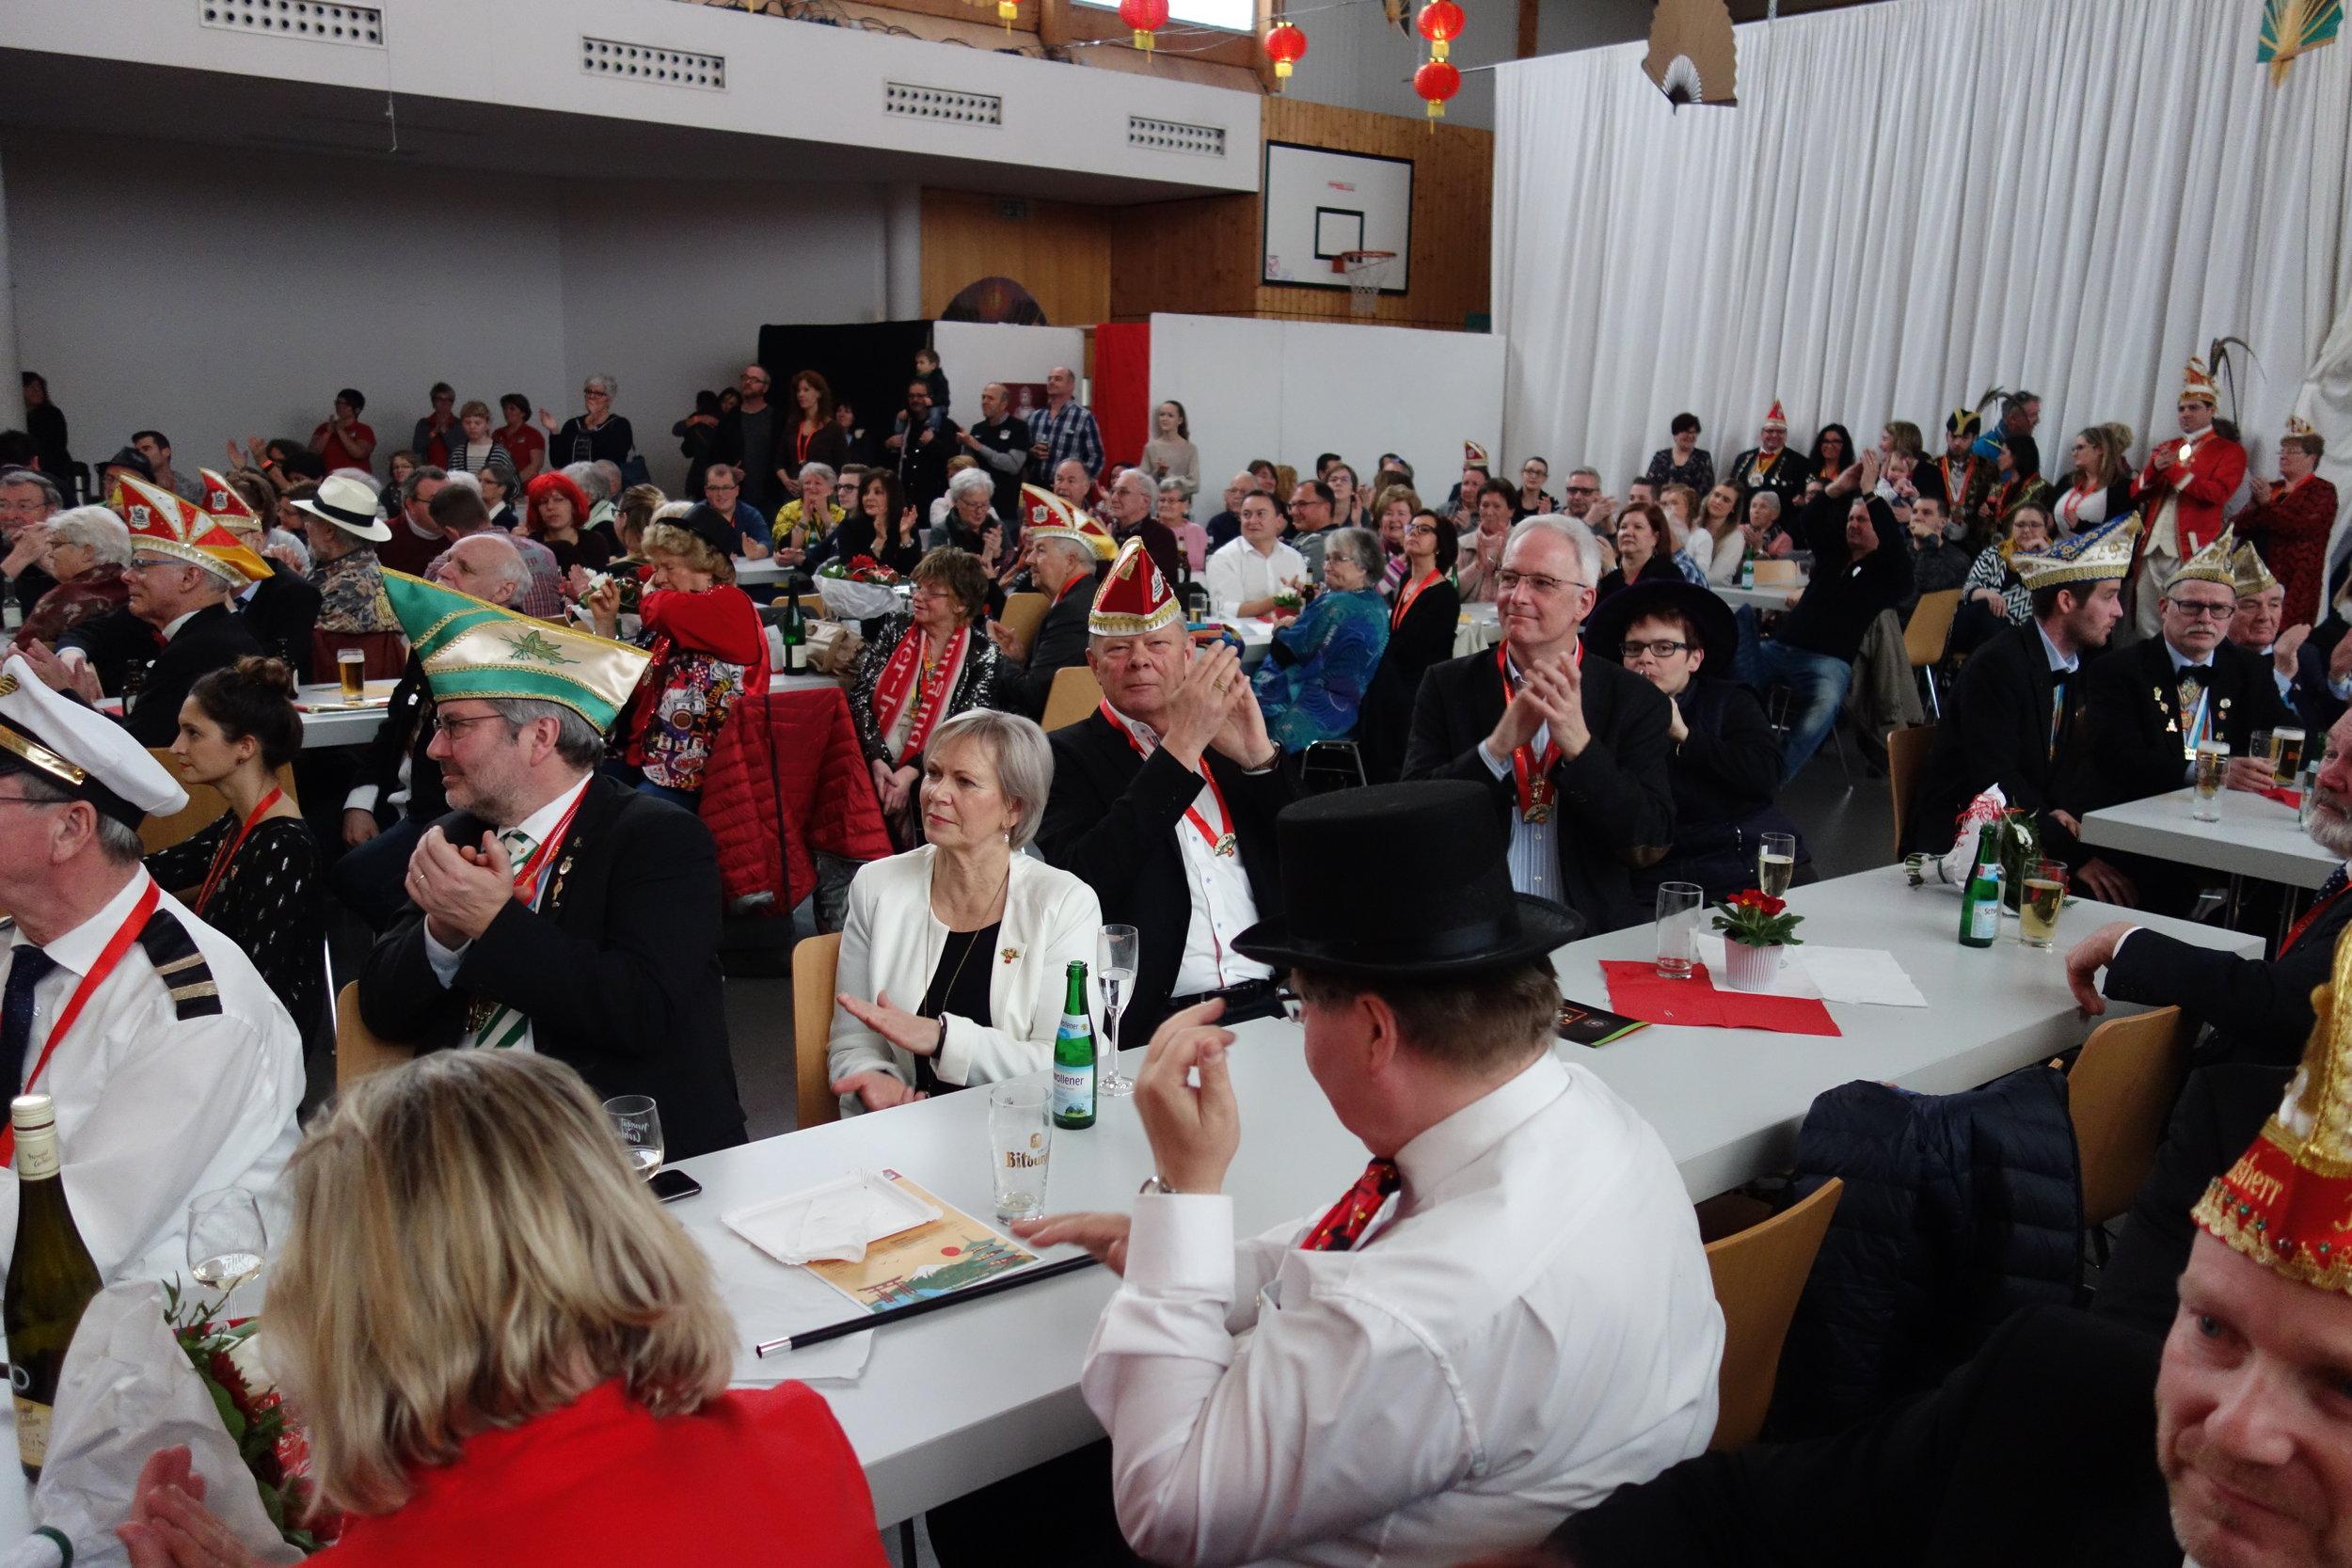 2018-02-04 083RH Ordensfest.JPG